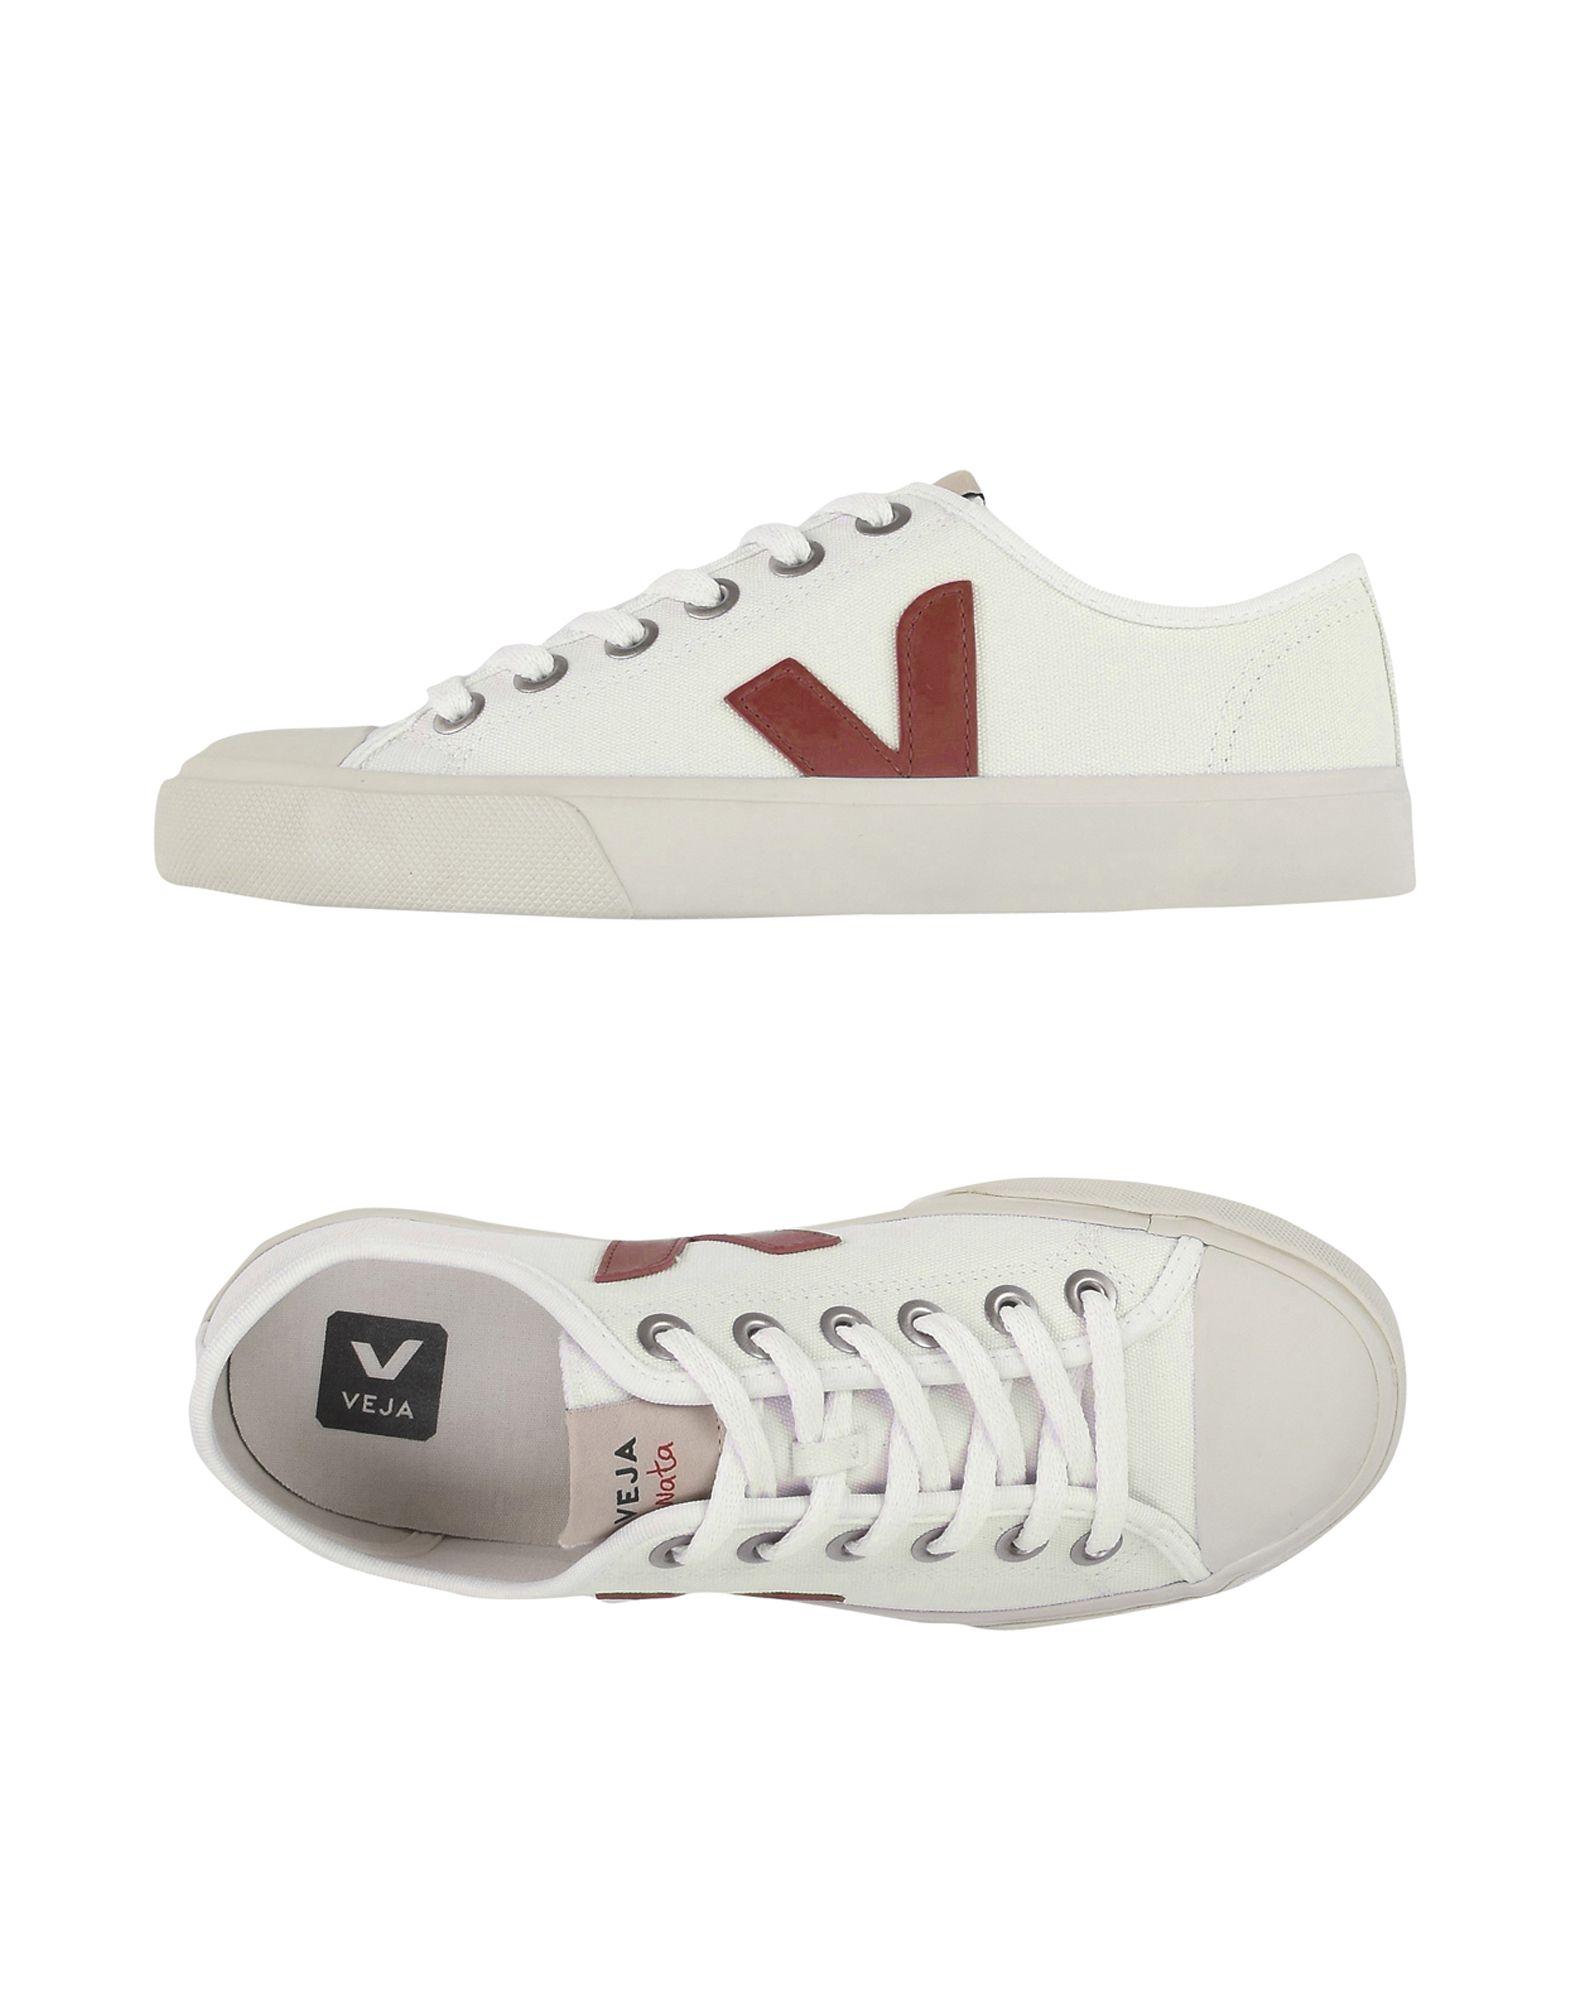 Sneakers Veja Femme - Sneakers Veja sur